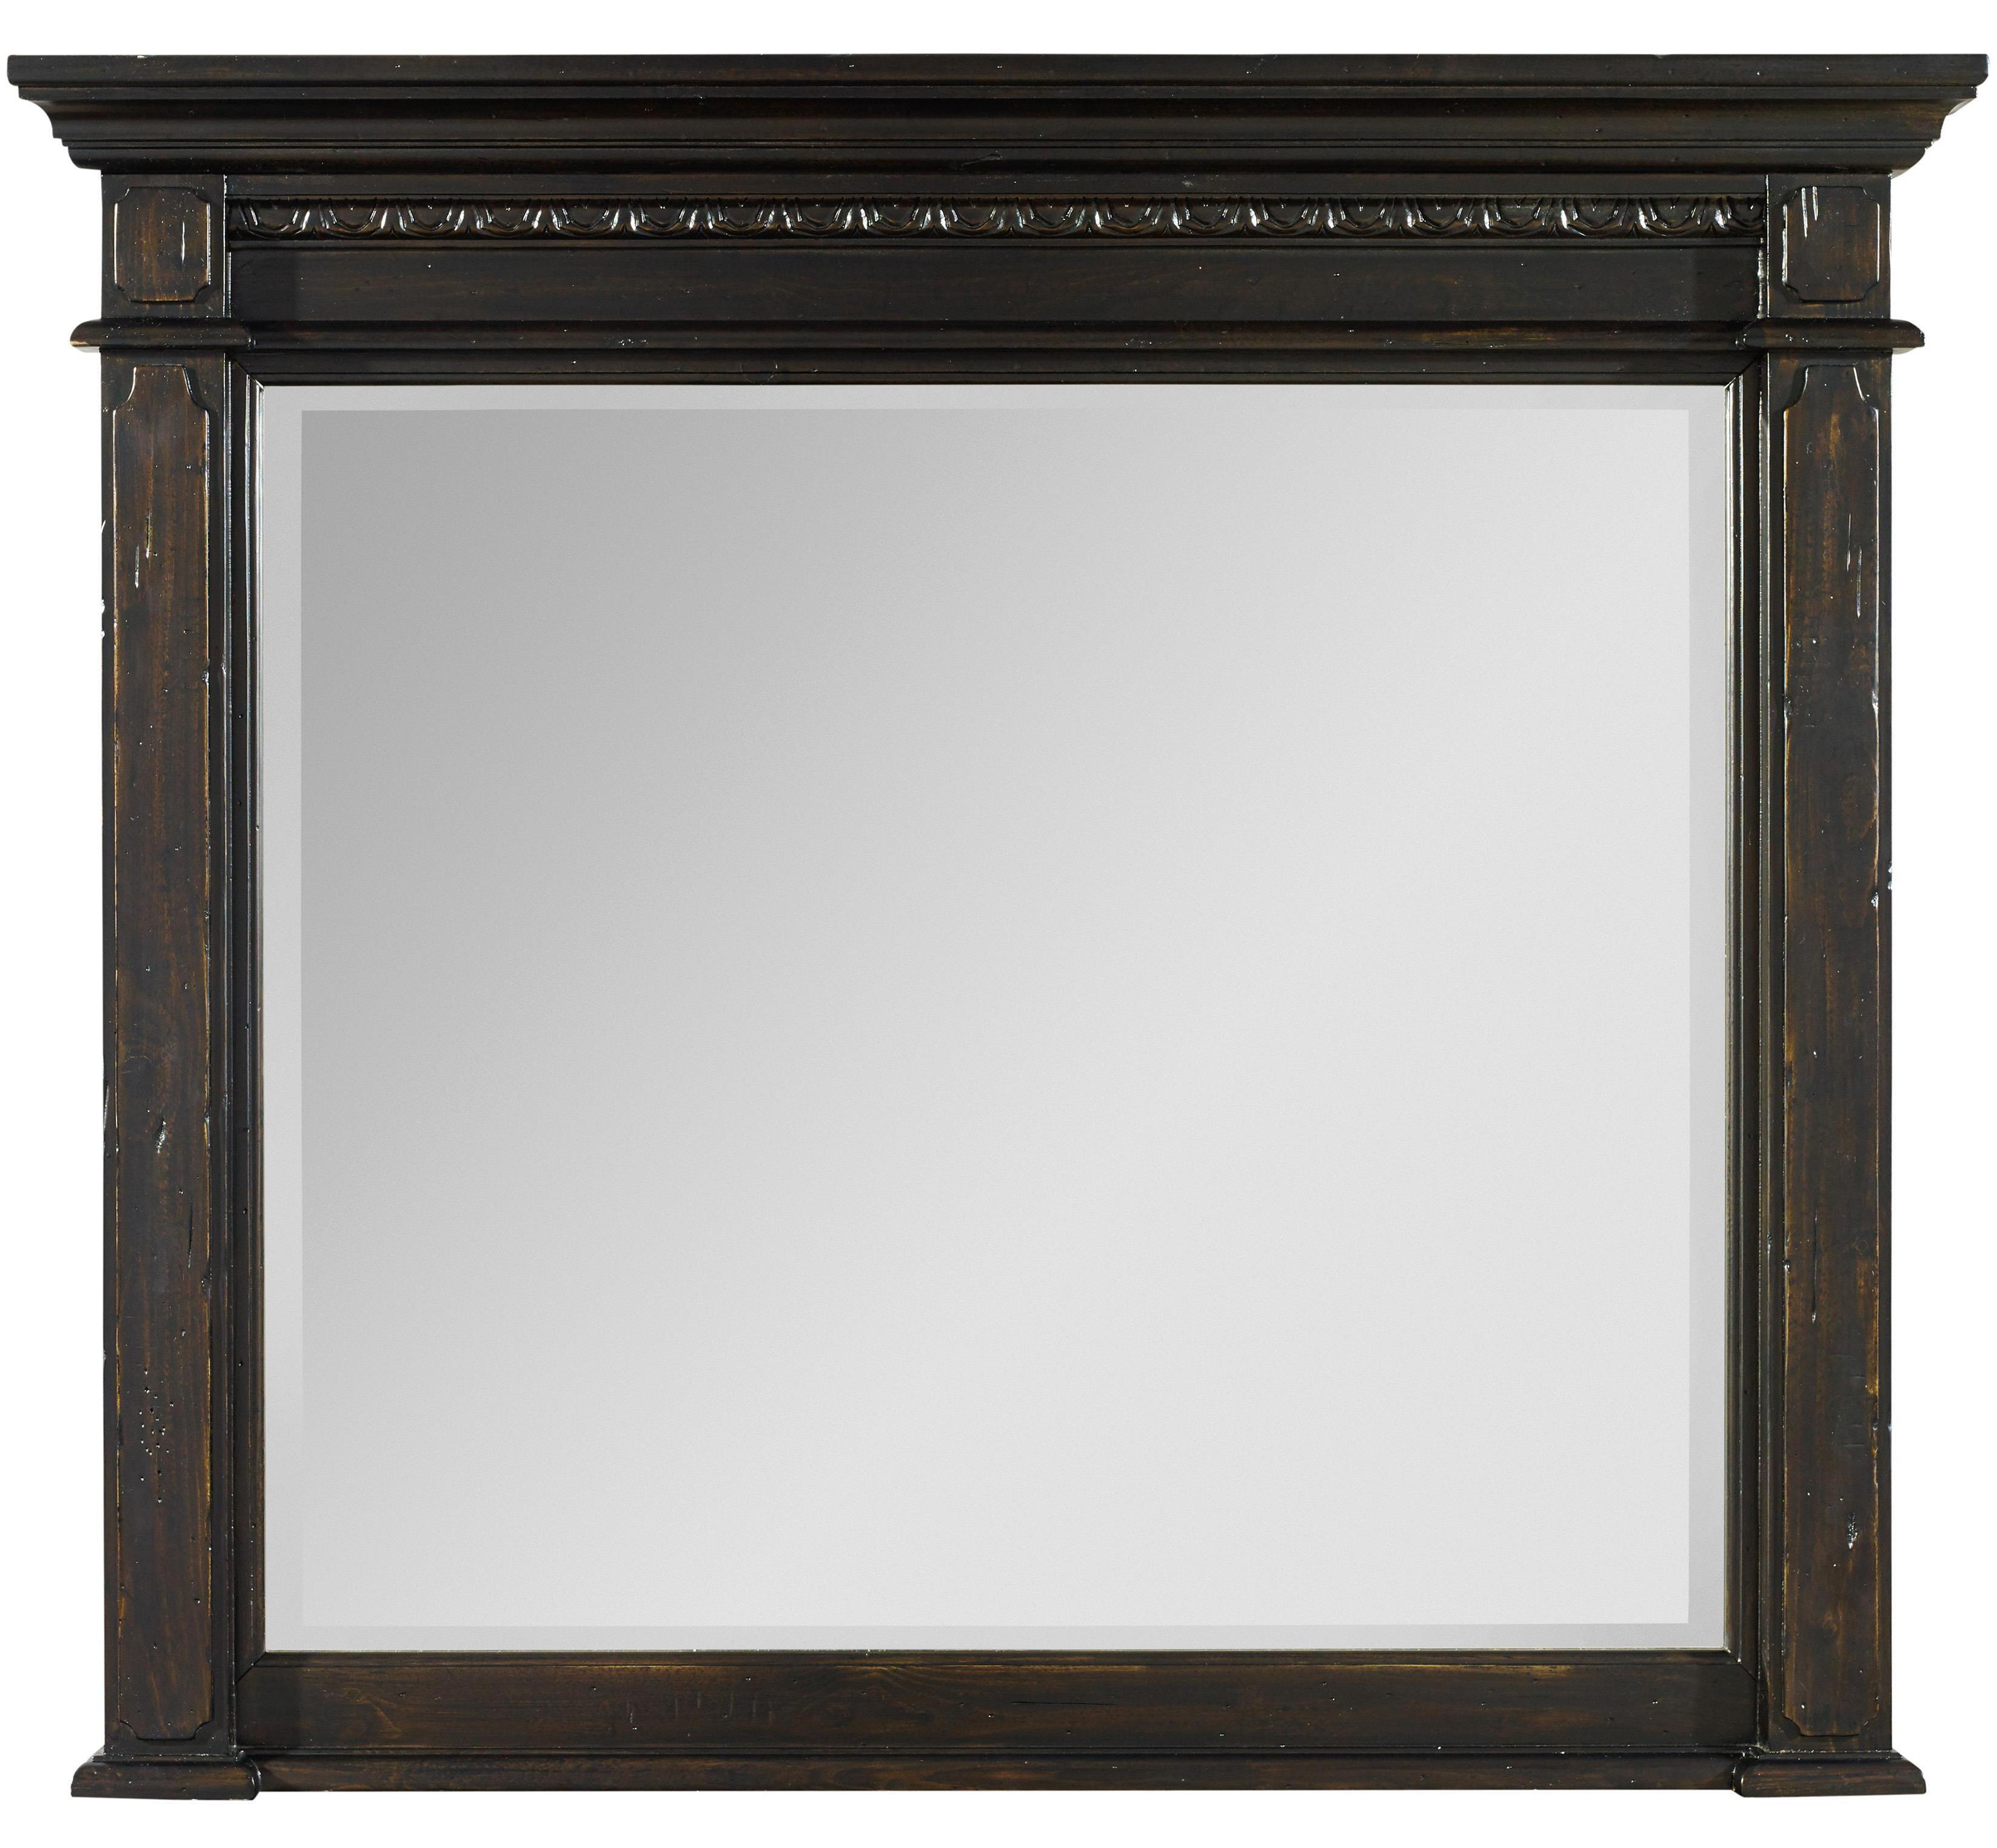 Treviso Mantle Landscape Mirror by Hooker Furniture at Baer's Furniture